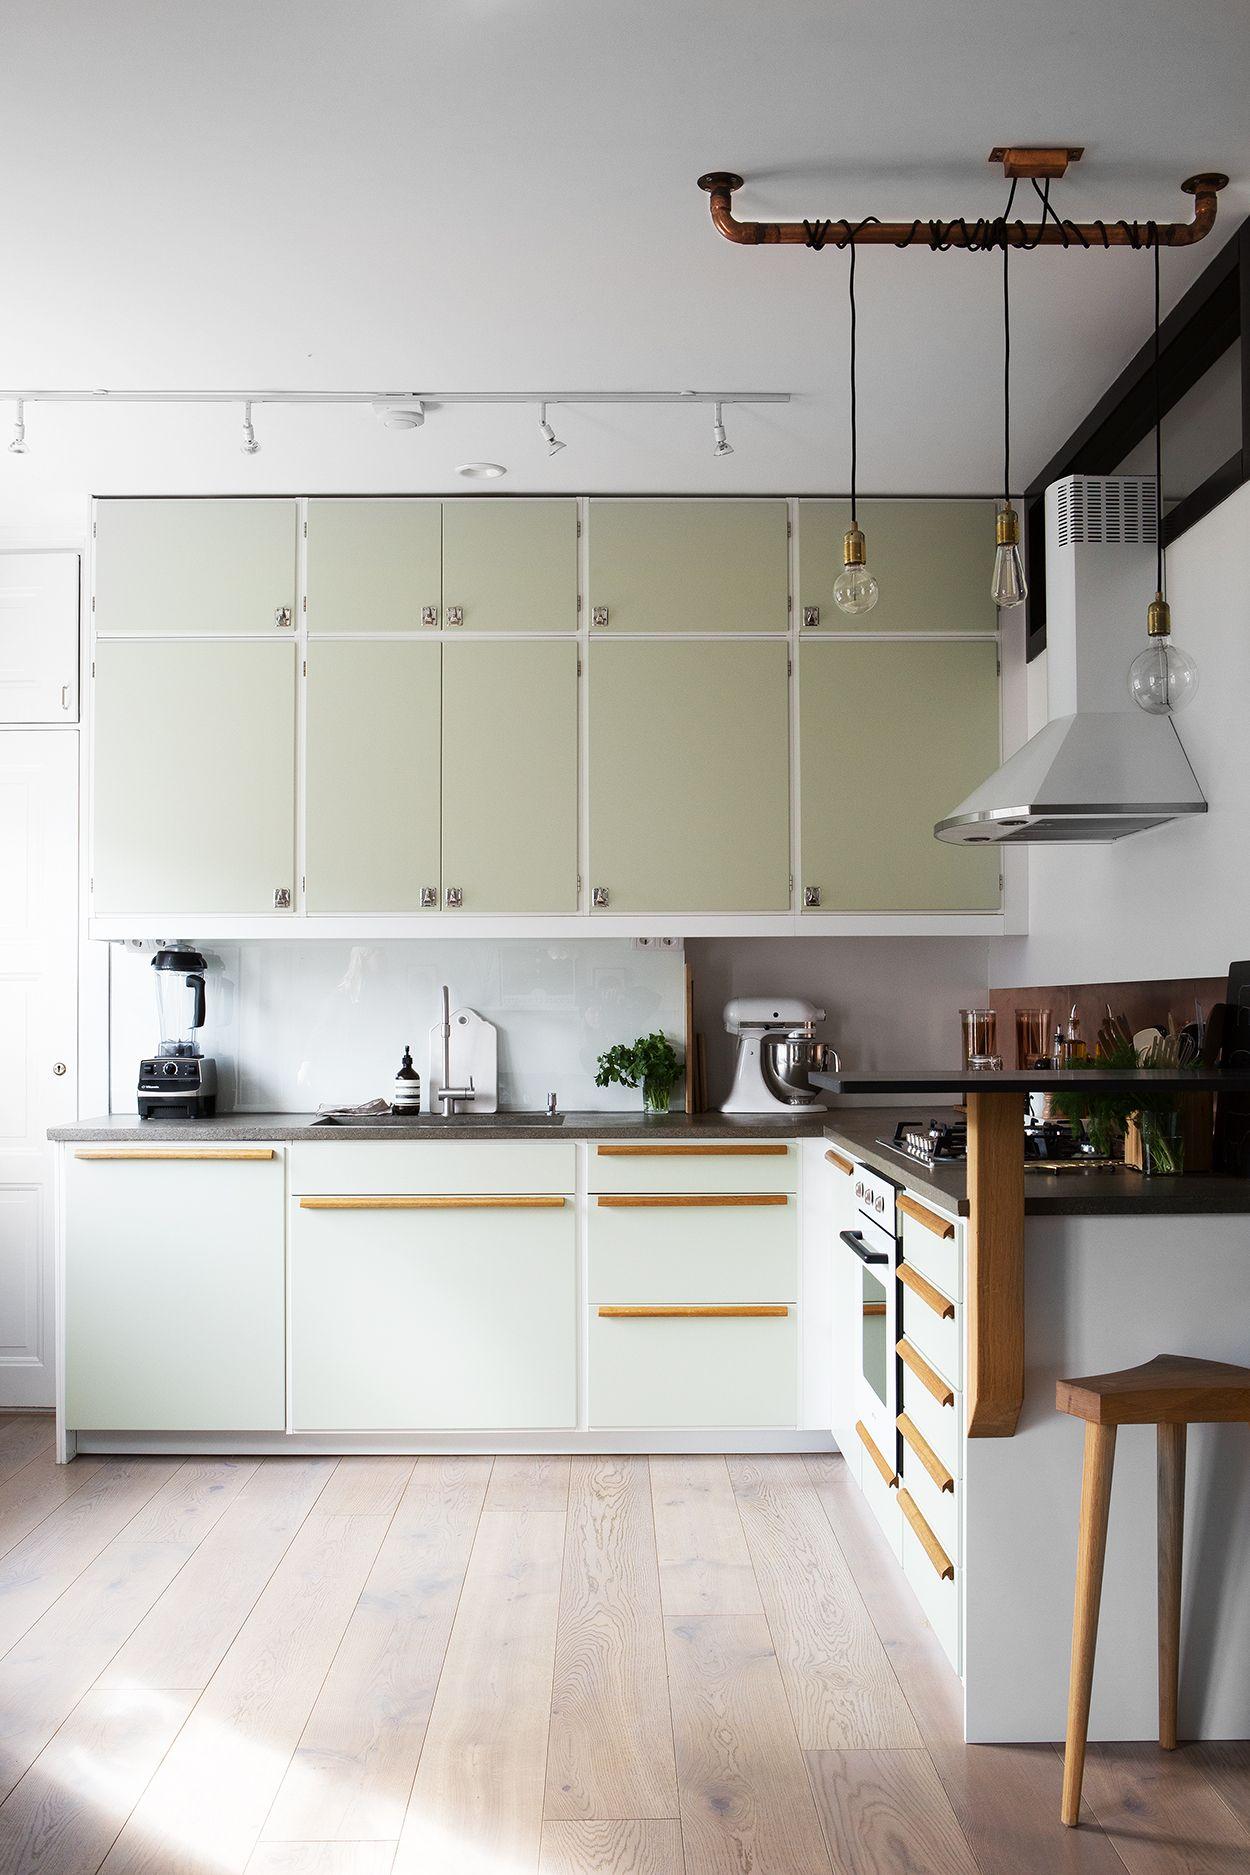 leicht zarte mintfarbigen k chenfronten mit fronten griffen kann man super schnell eine. Black Bedroom Furniture Sets. Home Design Ideas